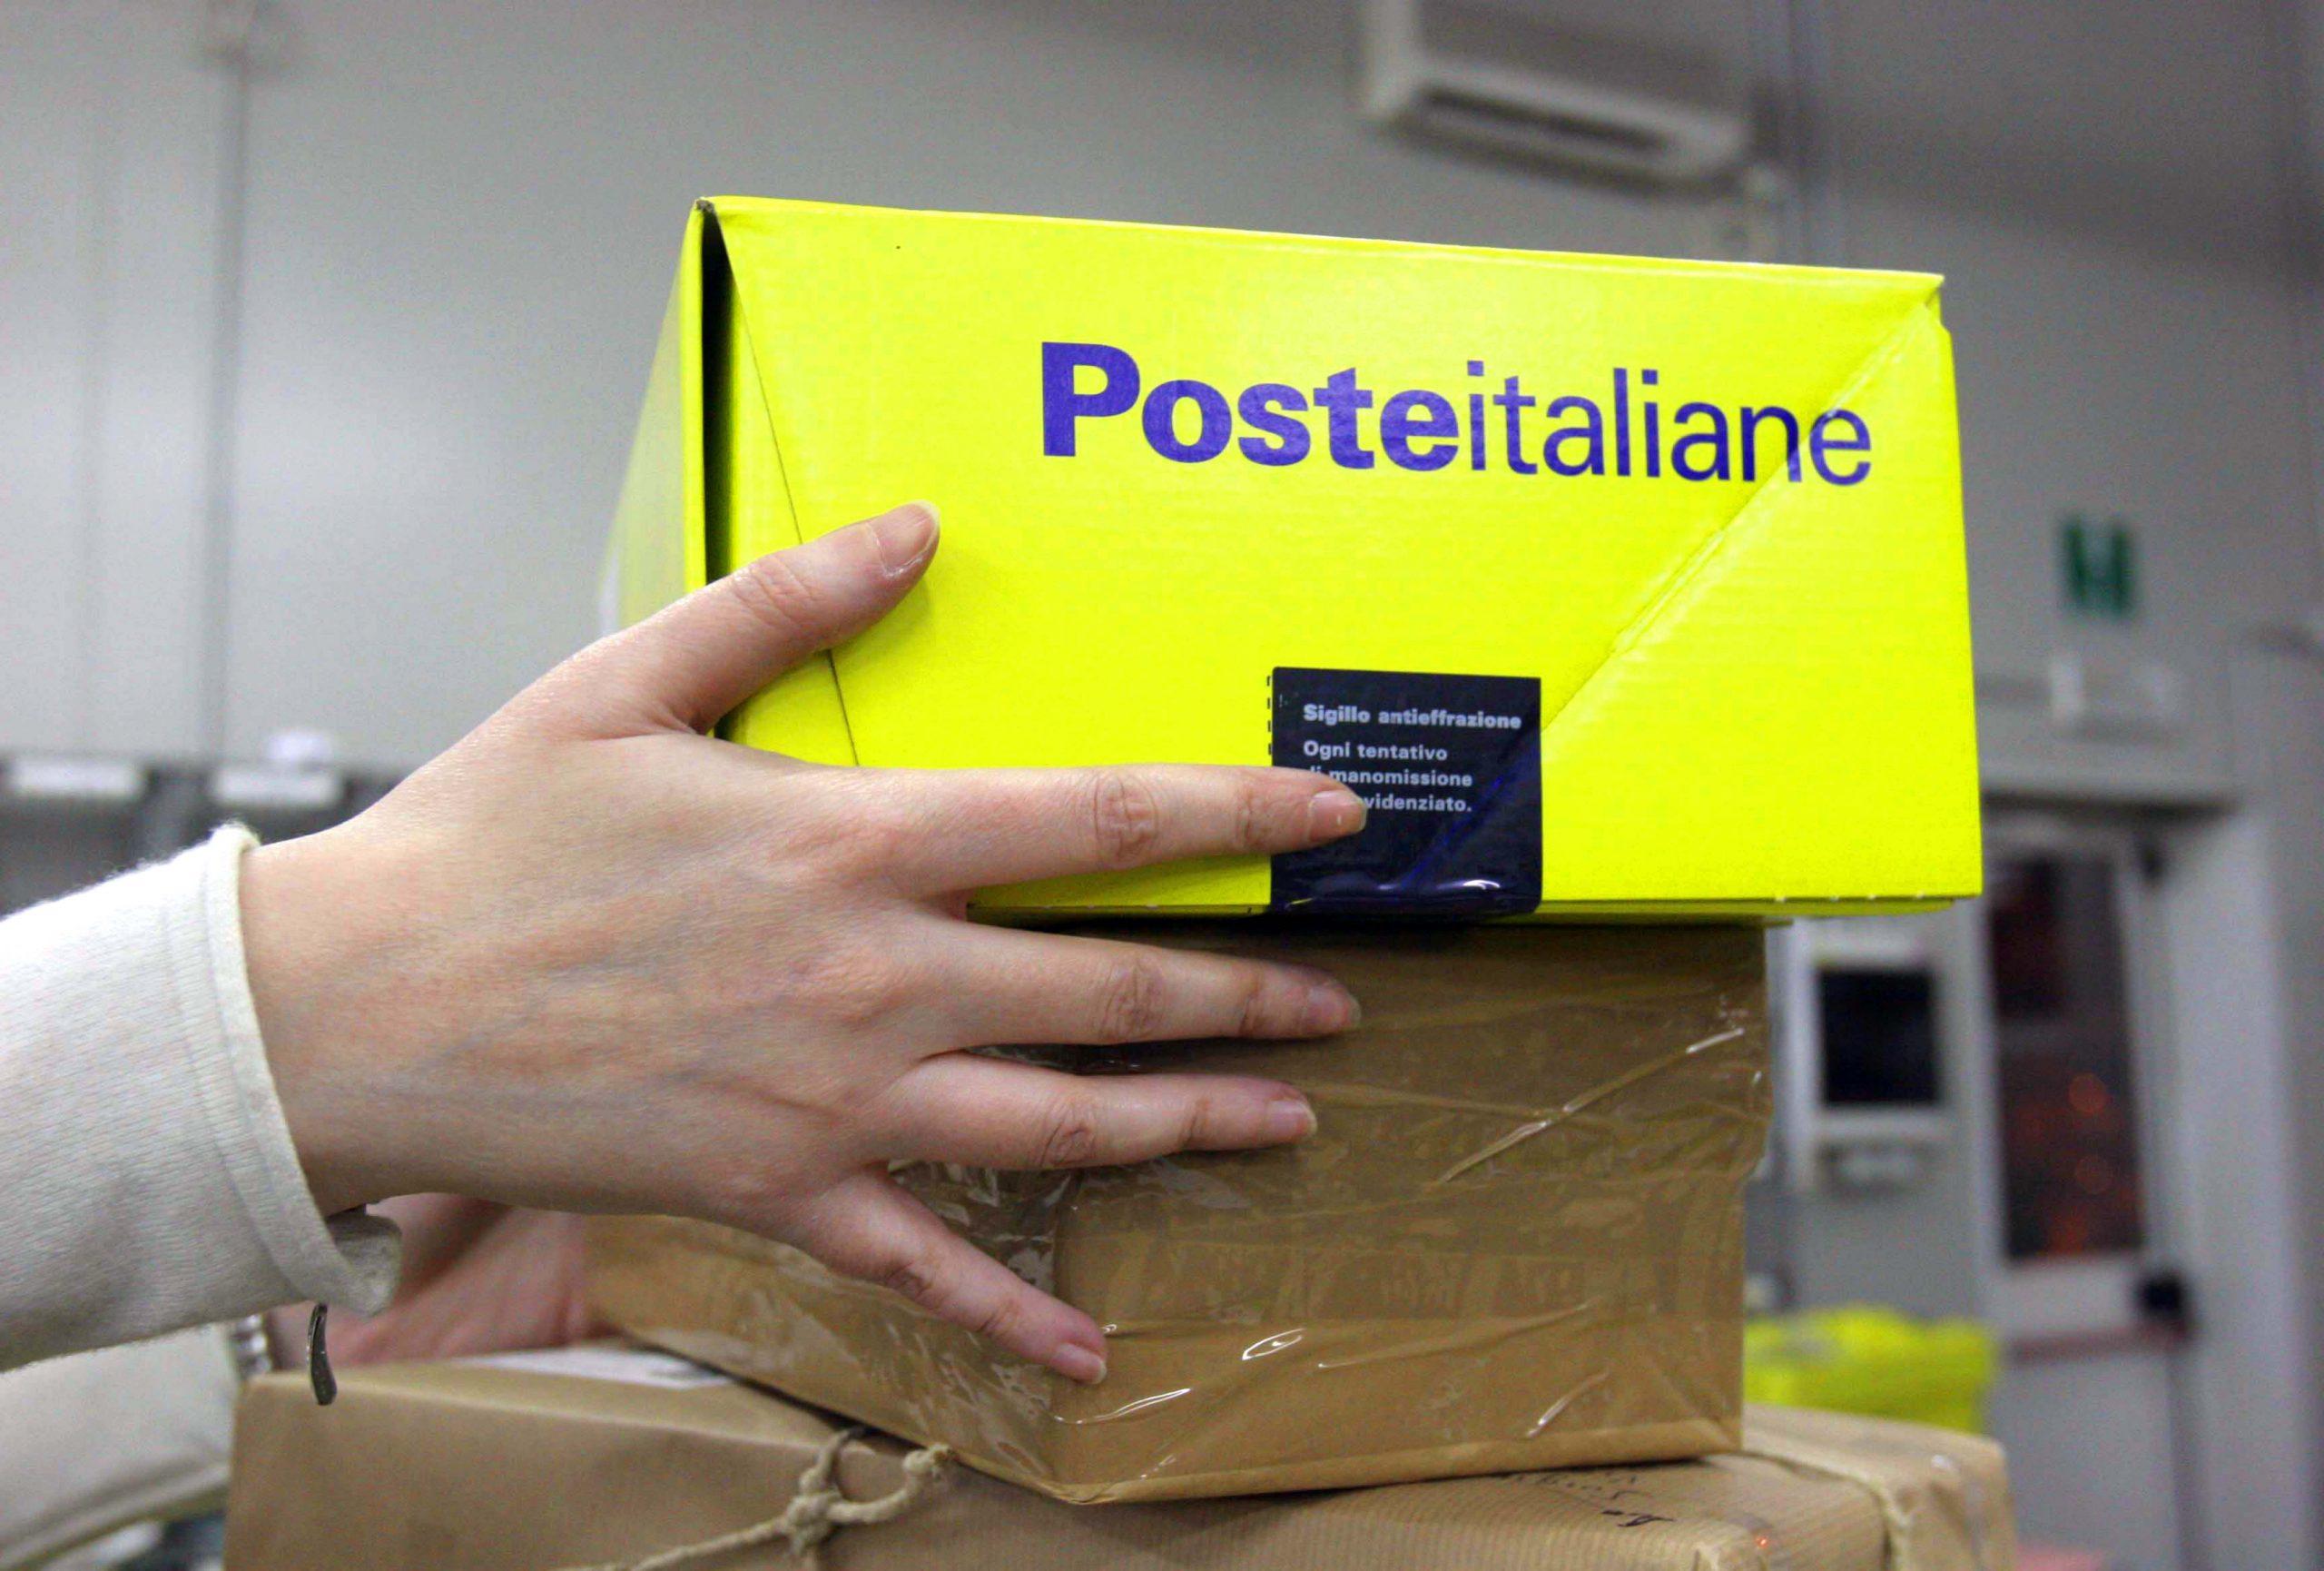 fusione-poste-italiane-nexive,-da-antitrust-misure-per-ridurre-impatto-anti-concorrenziale